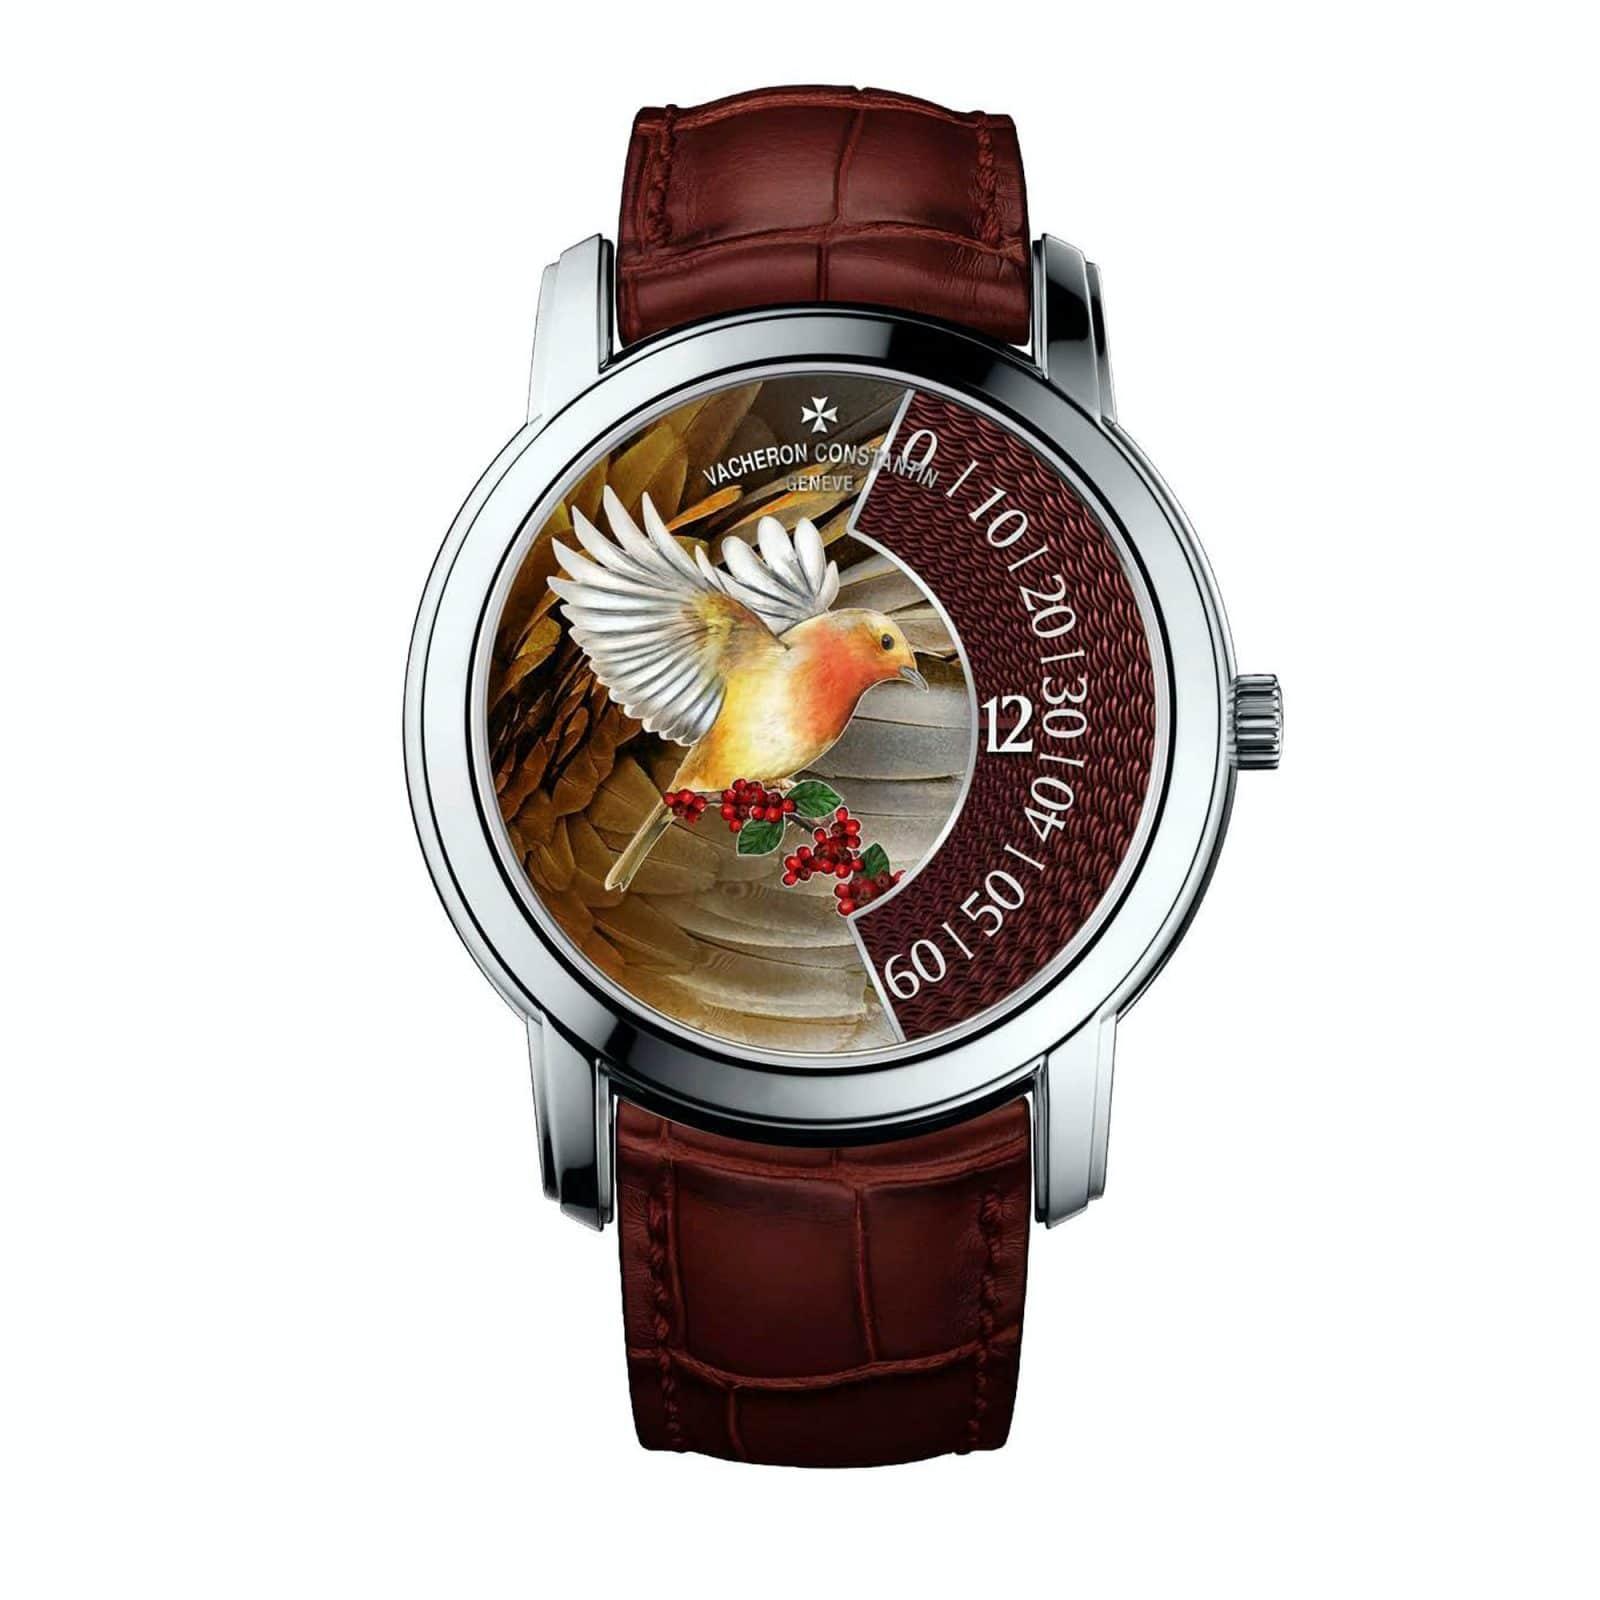 Horlogerie : Le meilleur de Watches & Wonders 2020 en 5 montres